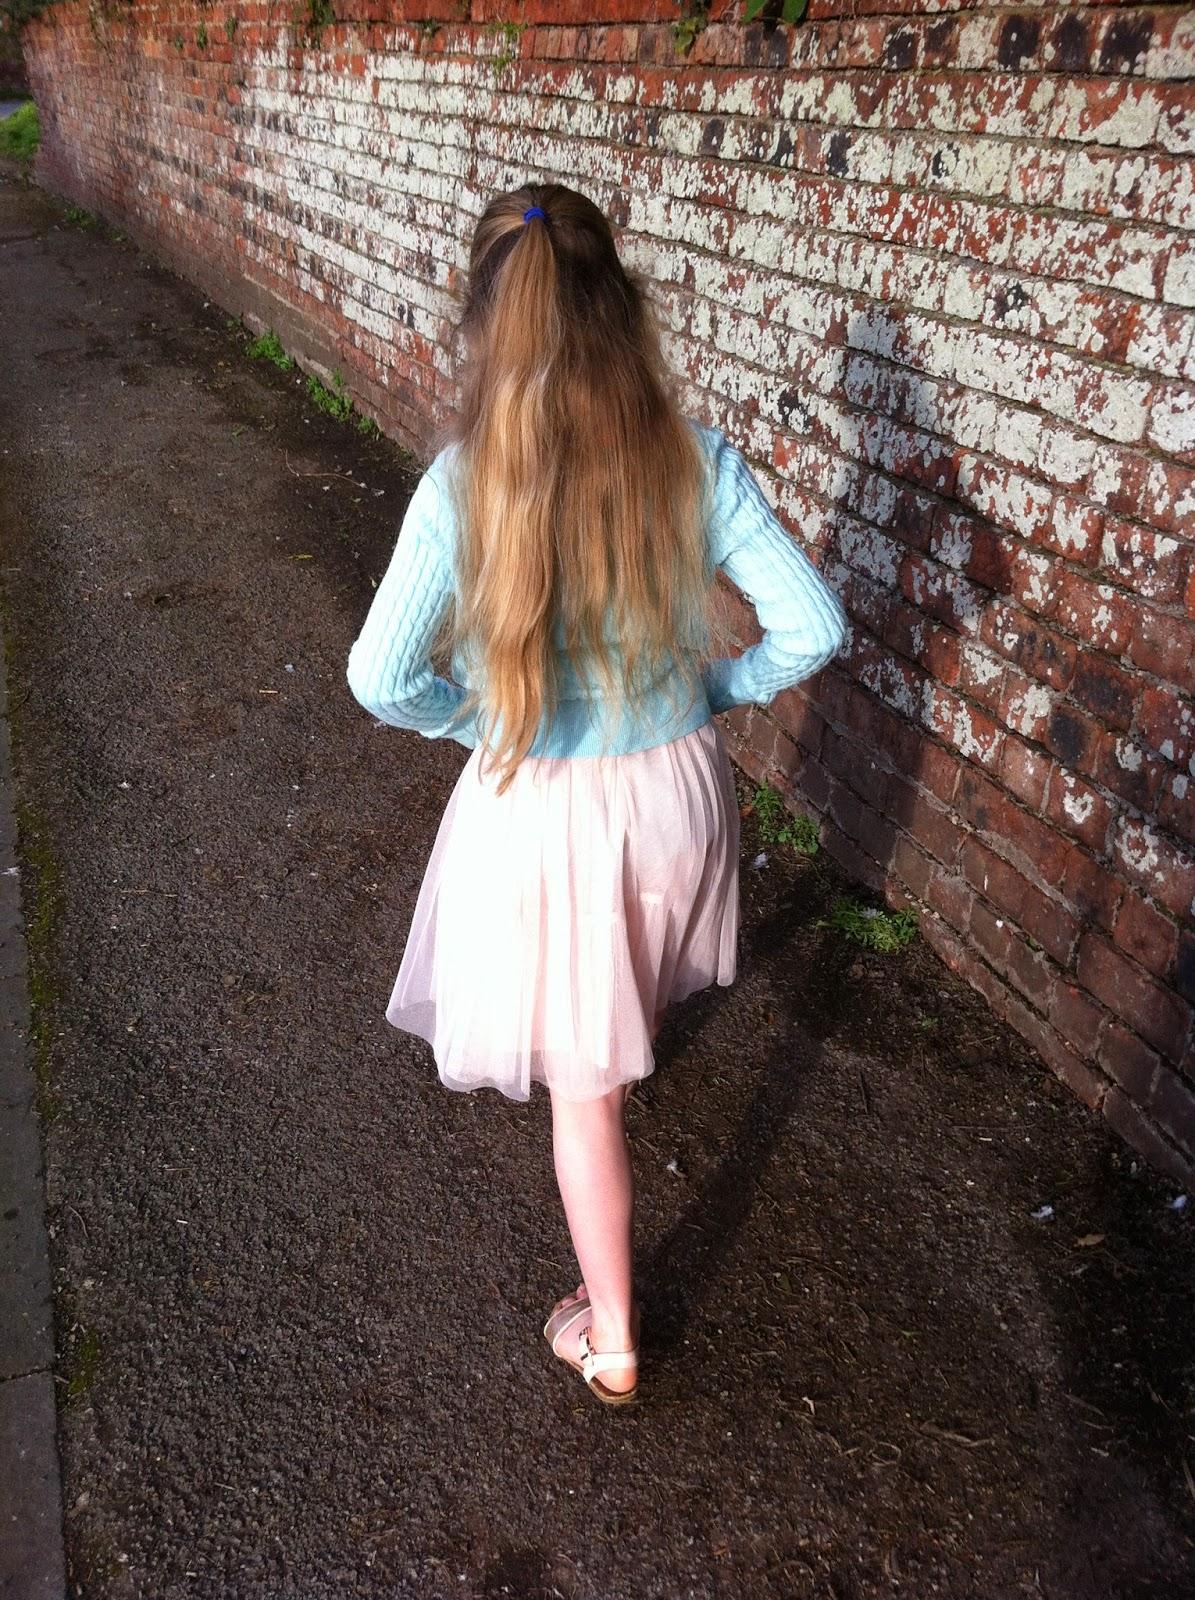 Daughter-walking-school-concert-365